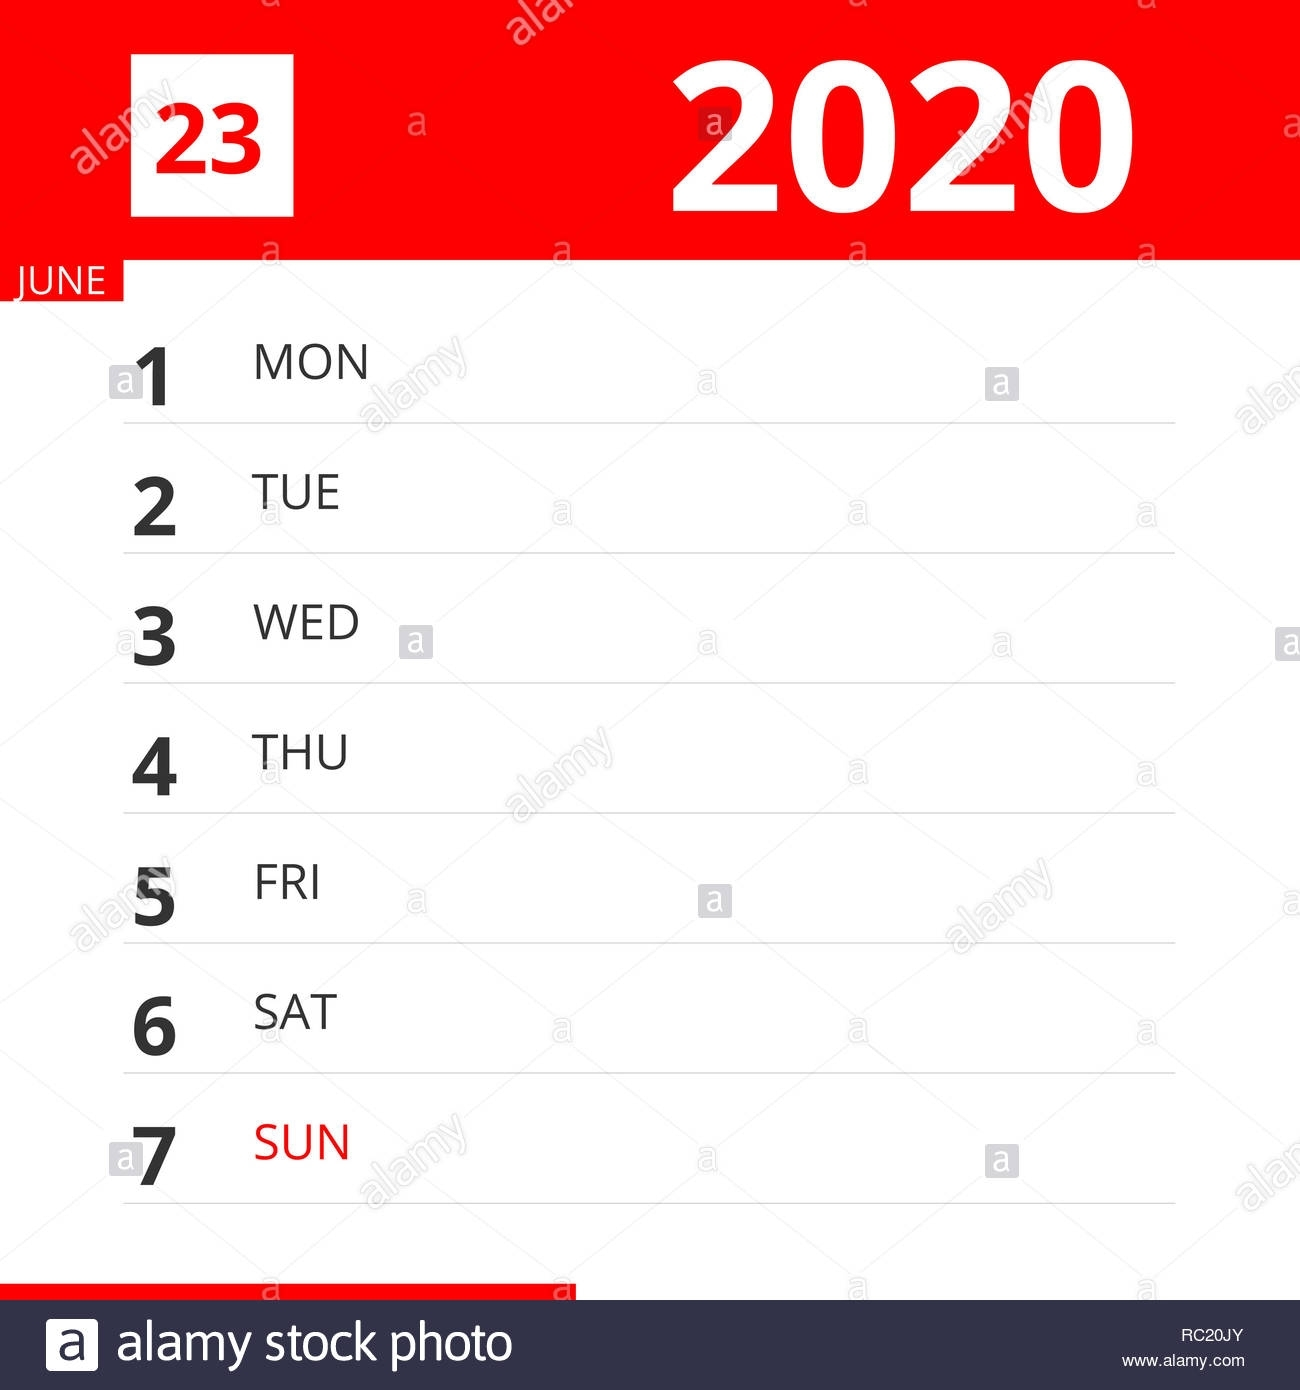 Calendar Planner For Week 23 In 2020, Ends June 7, 2020